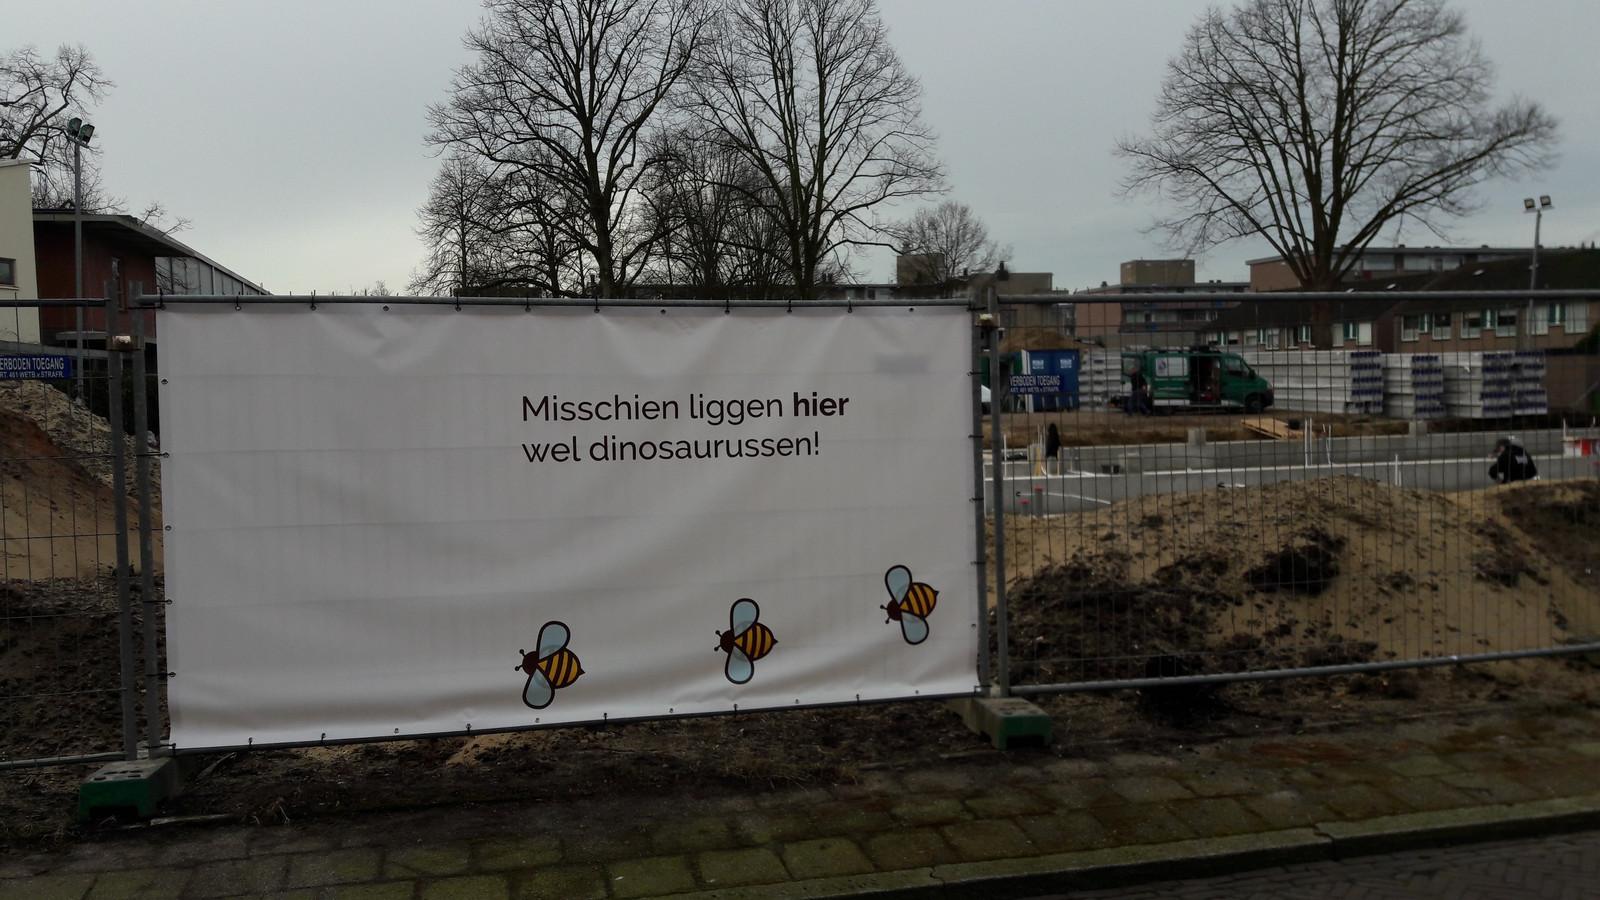 Spandoeken aan de bouwhekken van school de Bijenkorf in Wageningen.